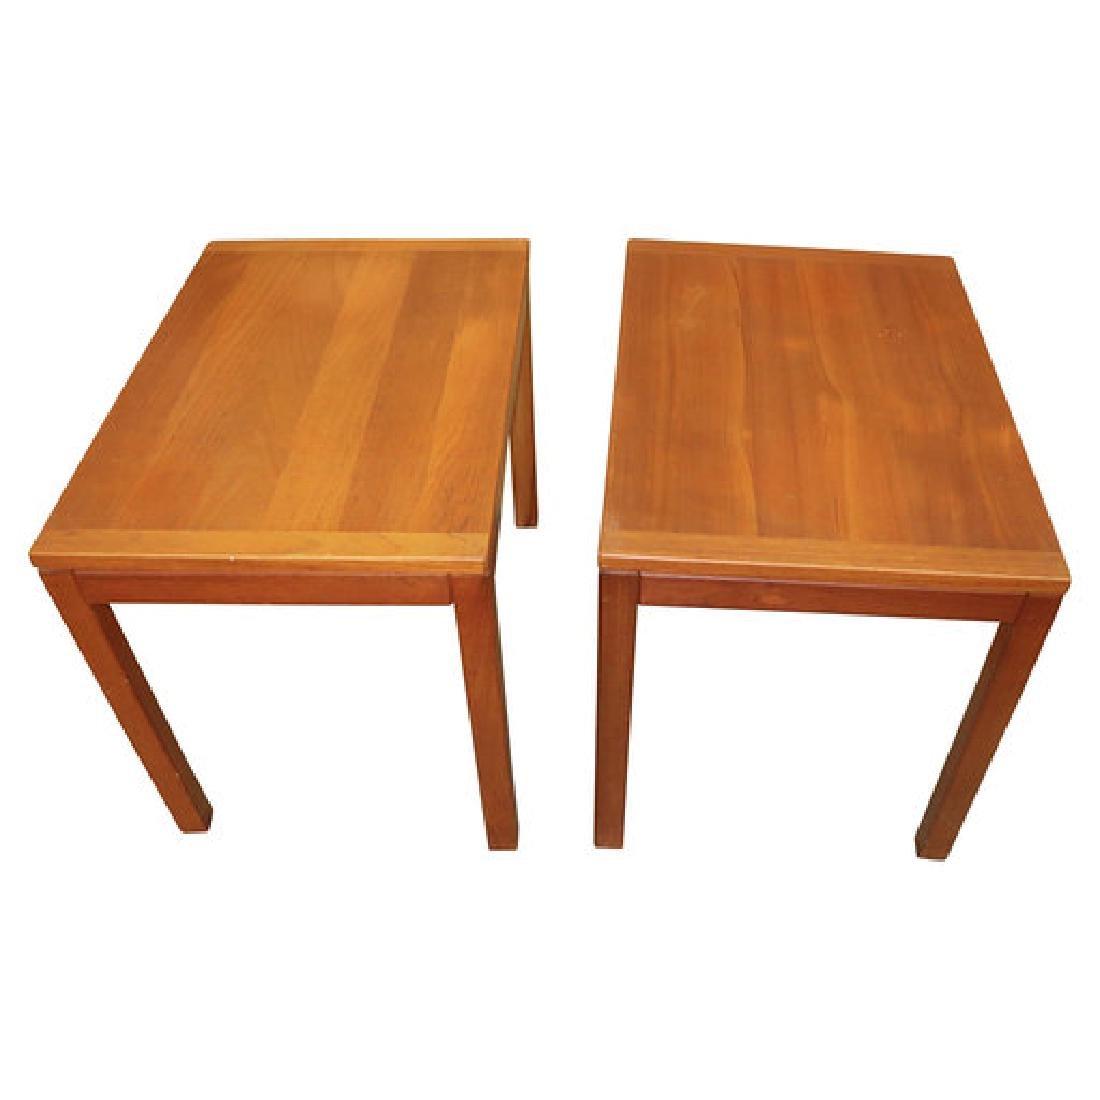 2 MCM END TABLES SIGNED VEJLE MADE IN DENMARK